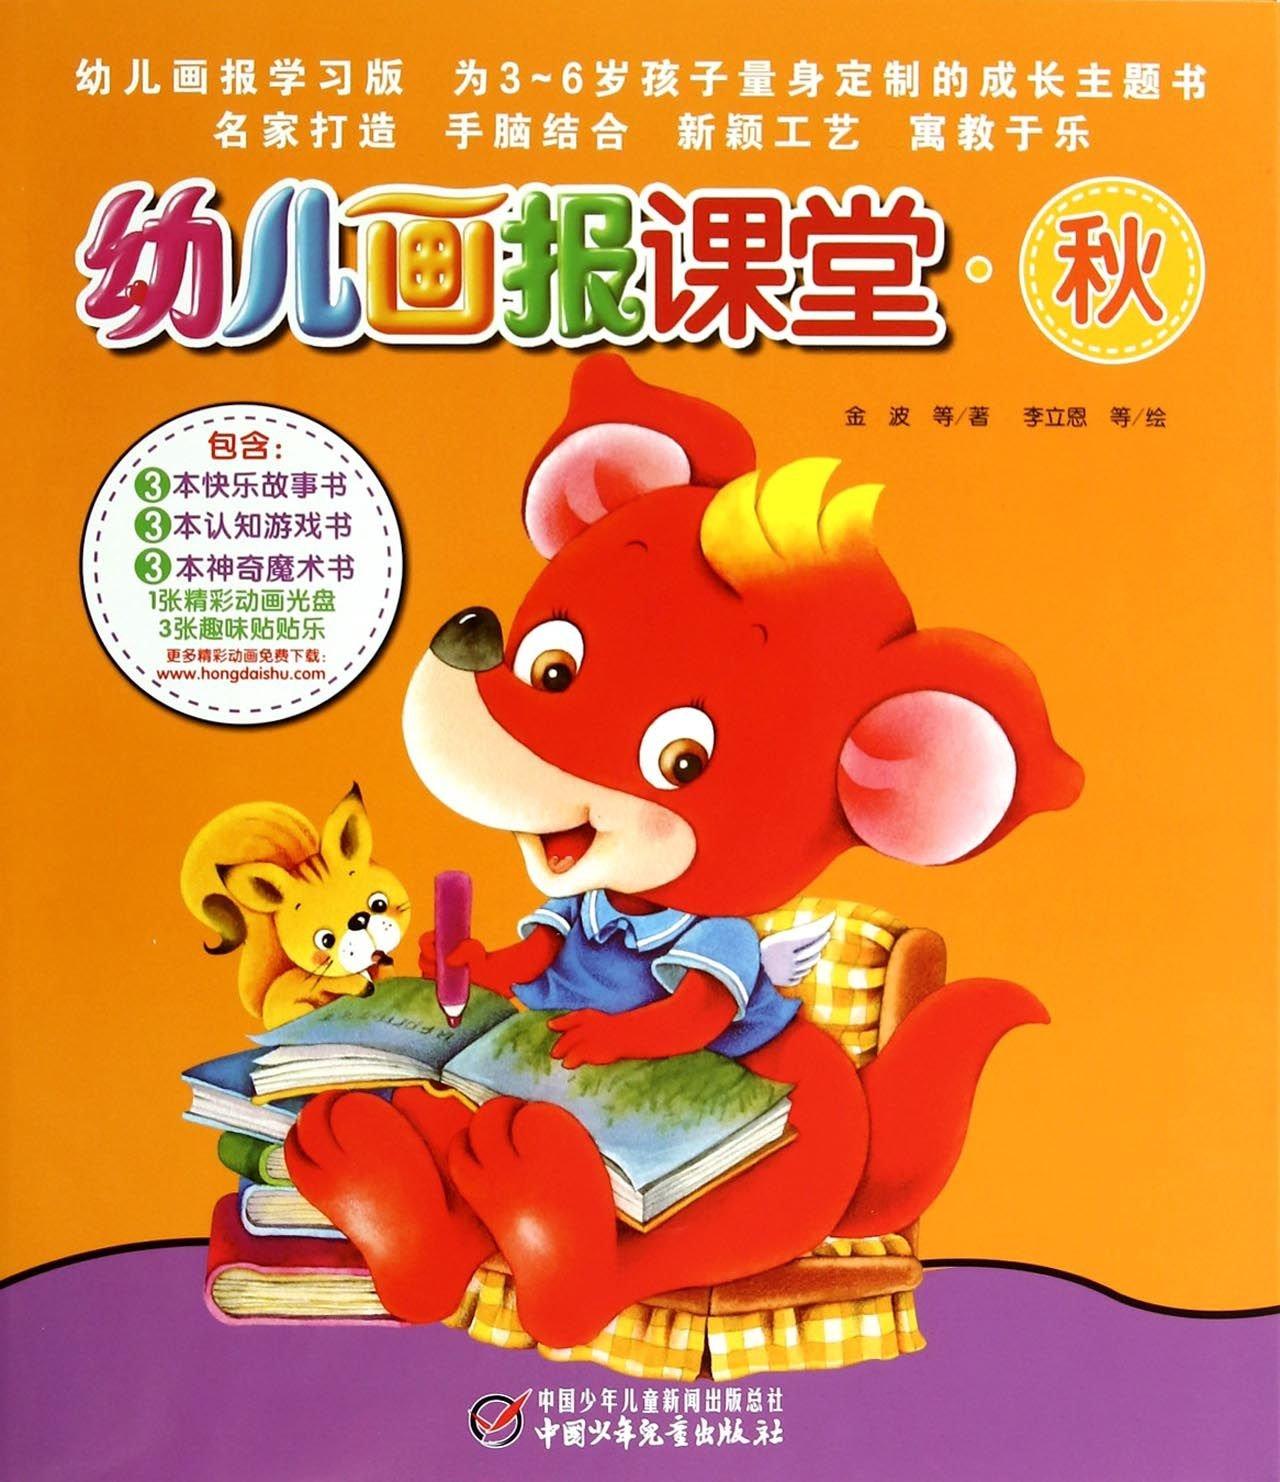 《秋-幼儿画报课堂》,9787514819311